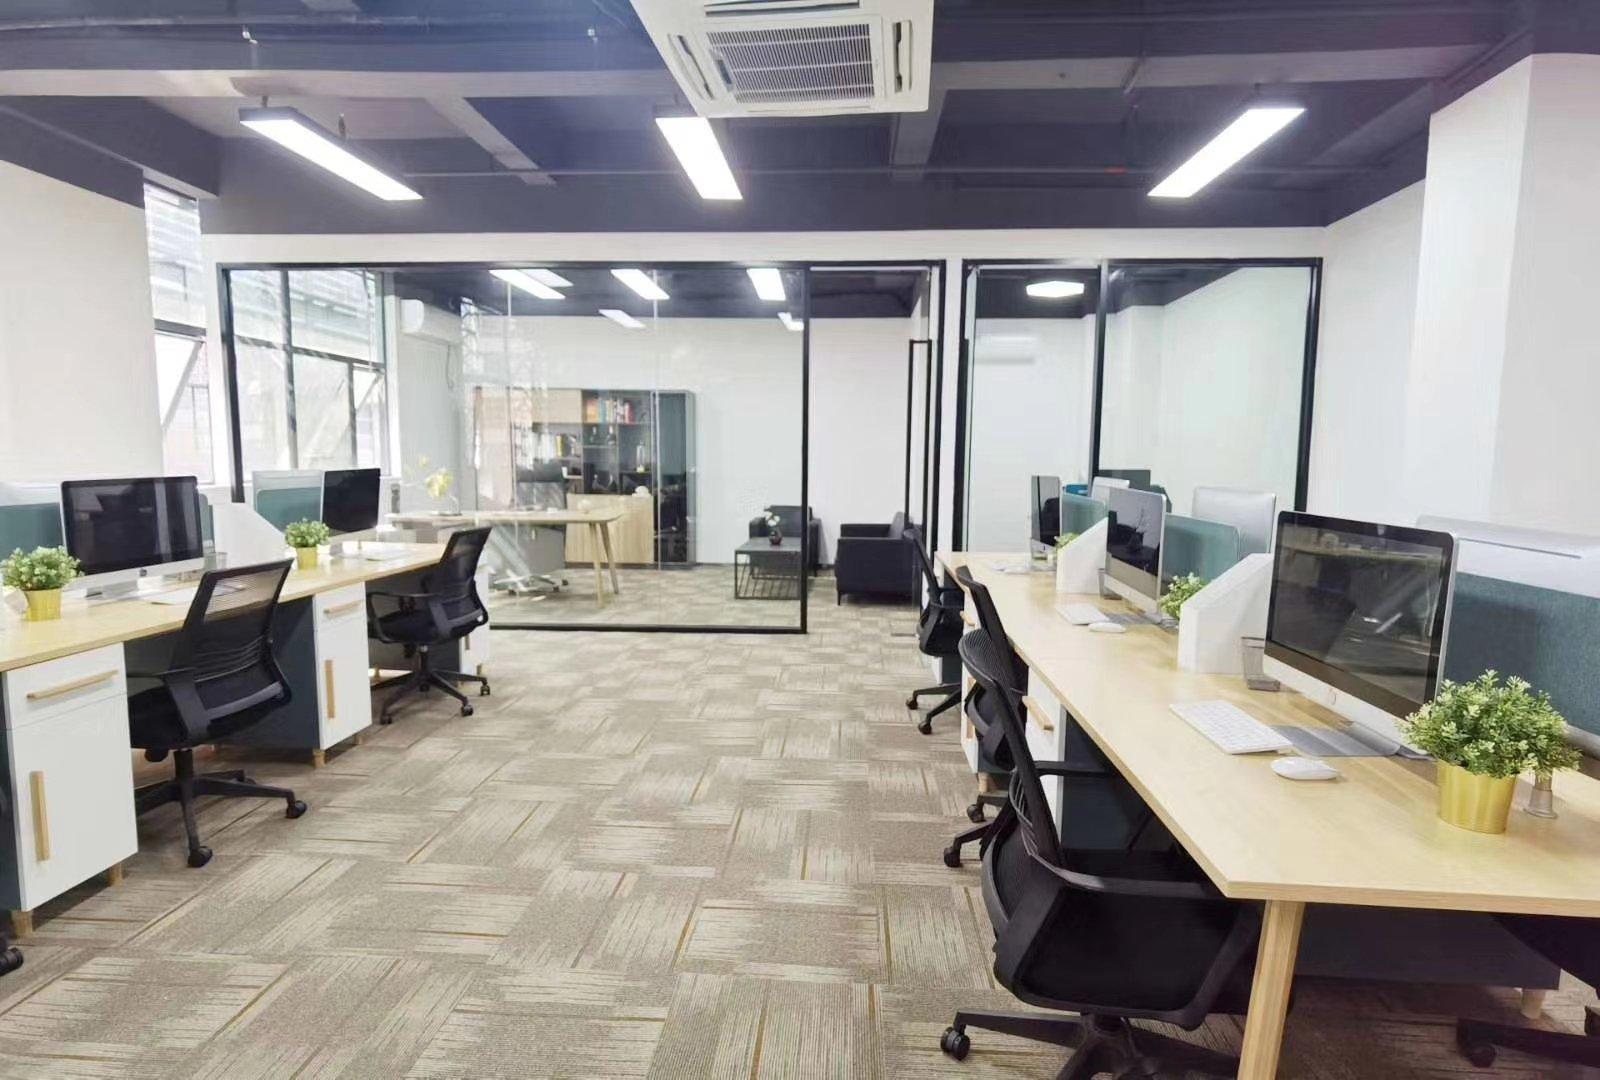 西丽大学城办公室万博app官方下载120平米招租,带办公用品